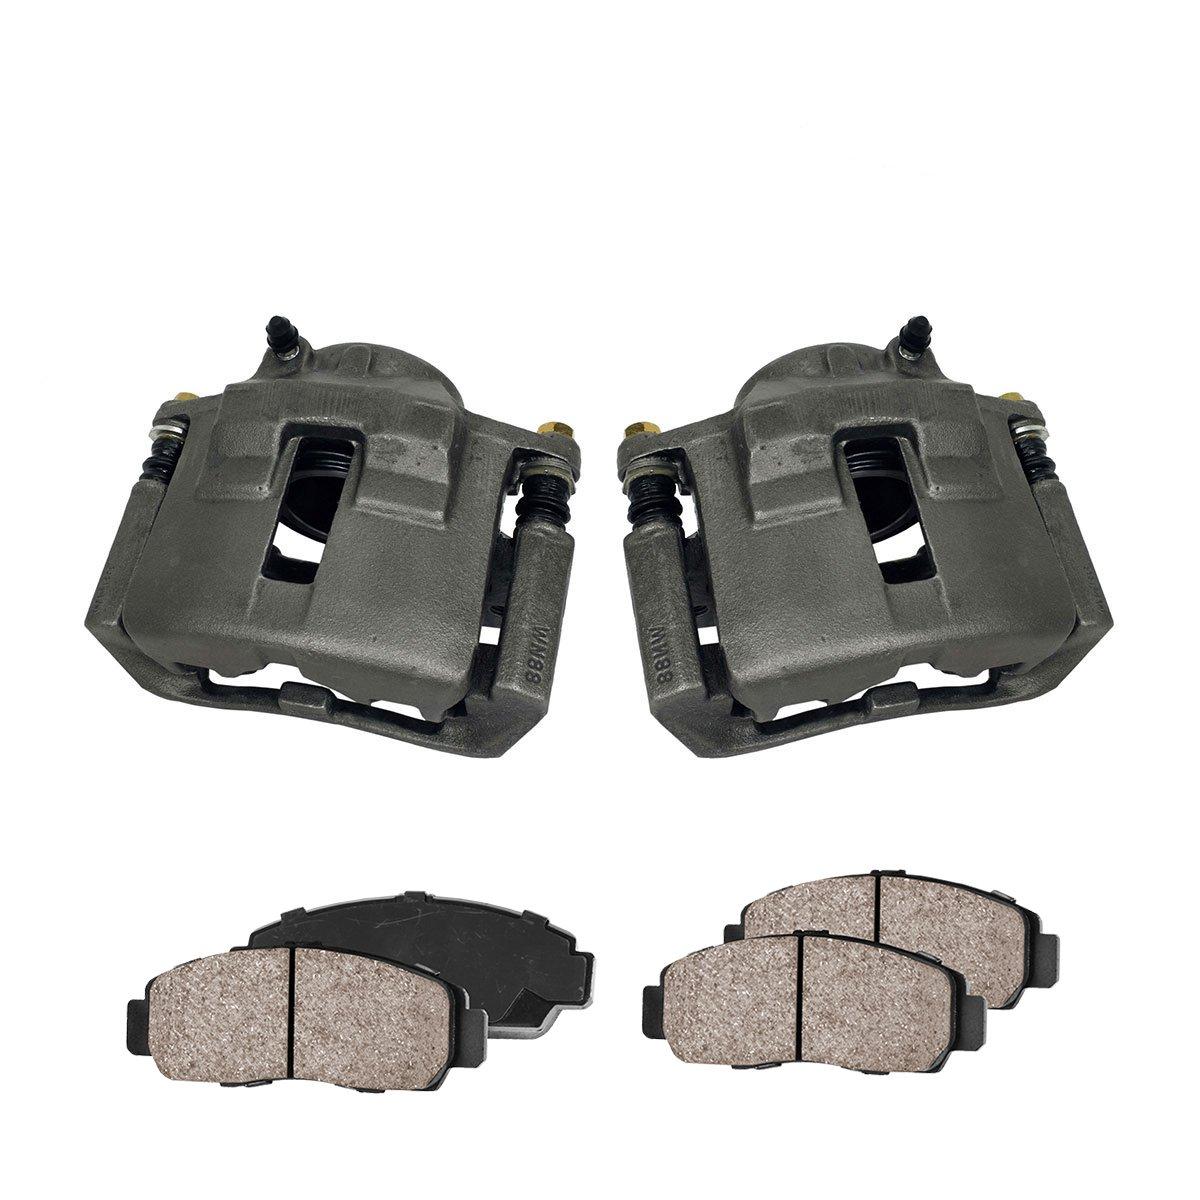 Callahan CCK03570 FRONT Premium Loaded OE Caliper Pair Hardware Kit Ceramic Brake Pads